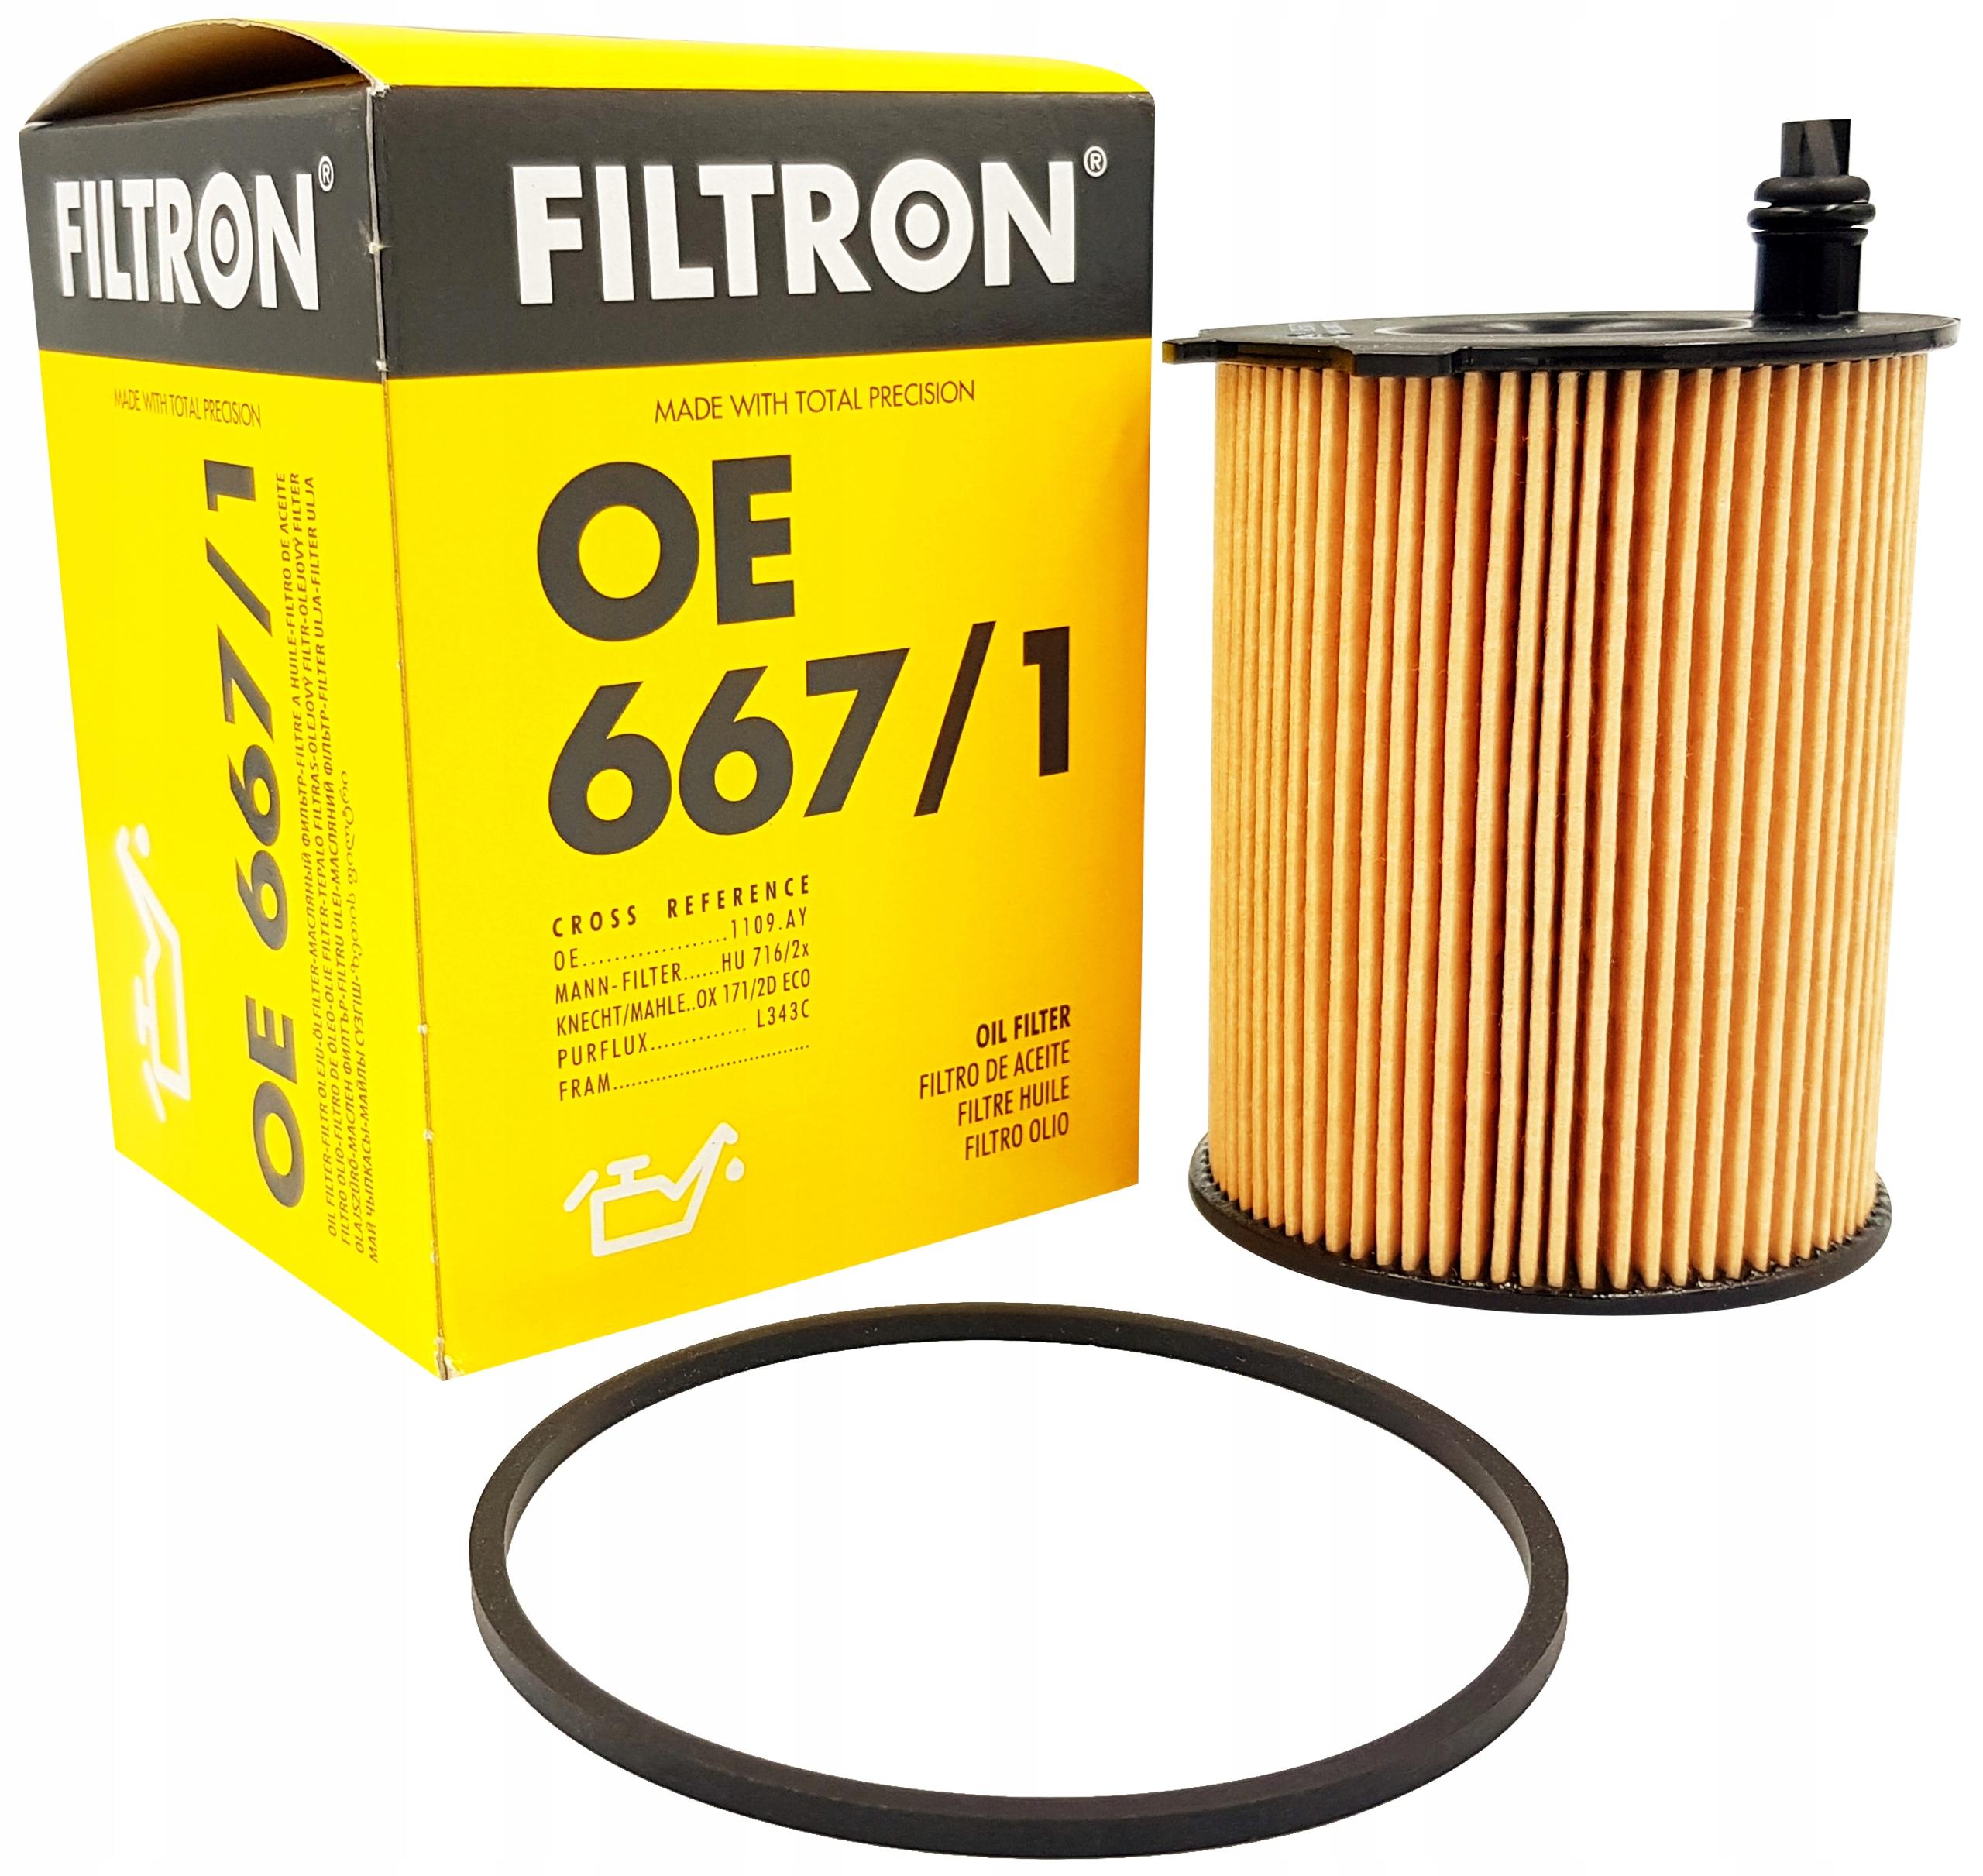 CITROEN Xsara Picasso 1.6 HDi Diesel Filtro de aceite 2004-09 tj